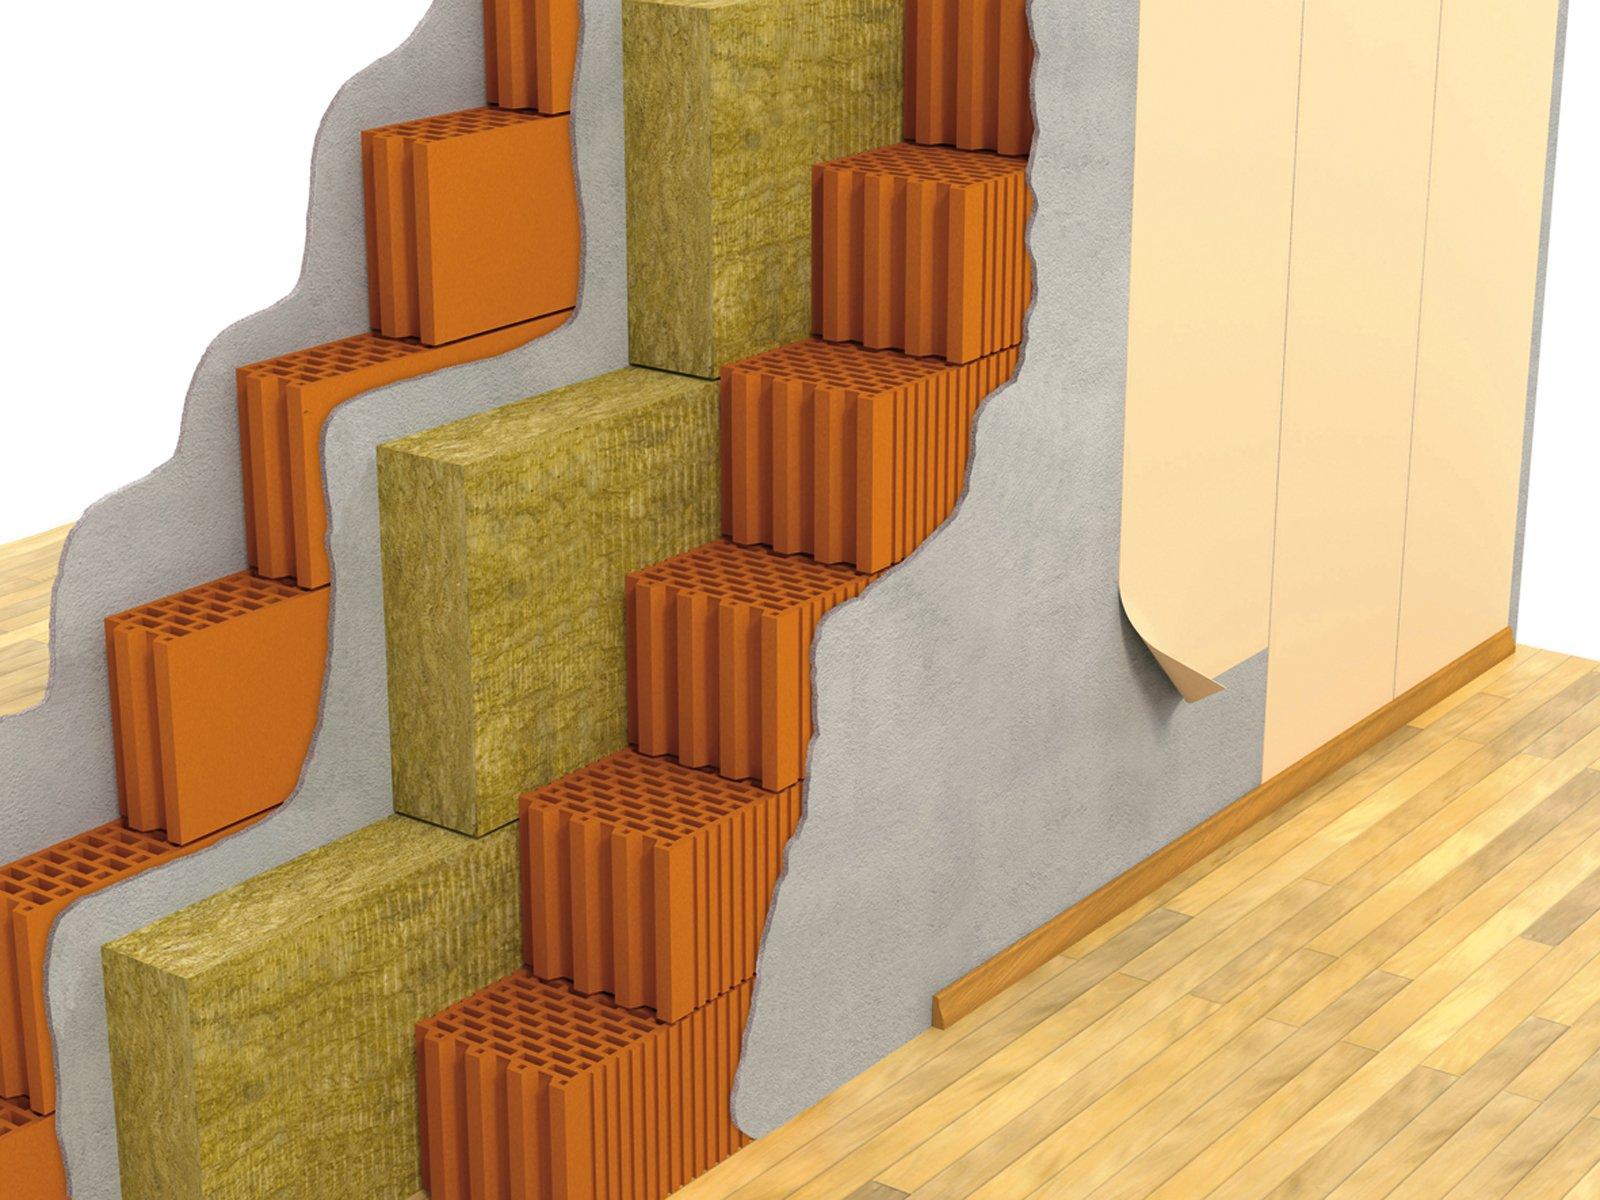 Rumori in casa come prevenirli o eliminarli cose di casa for Come costruire l ascensore di casa